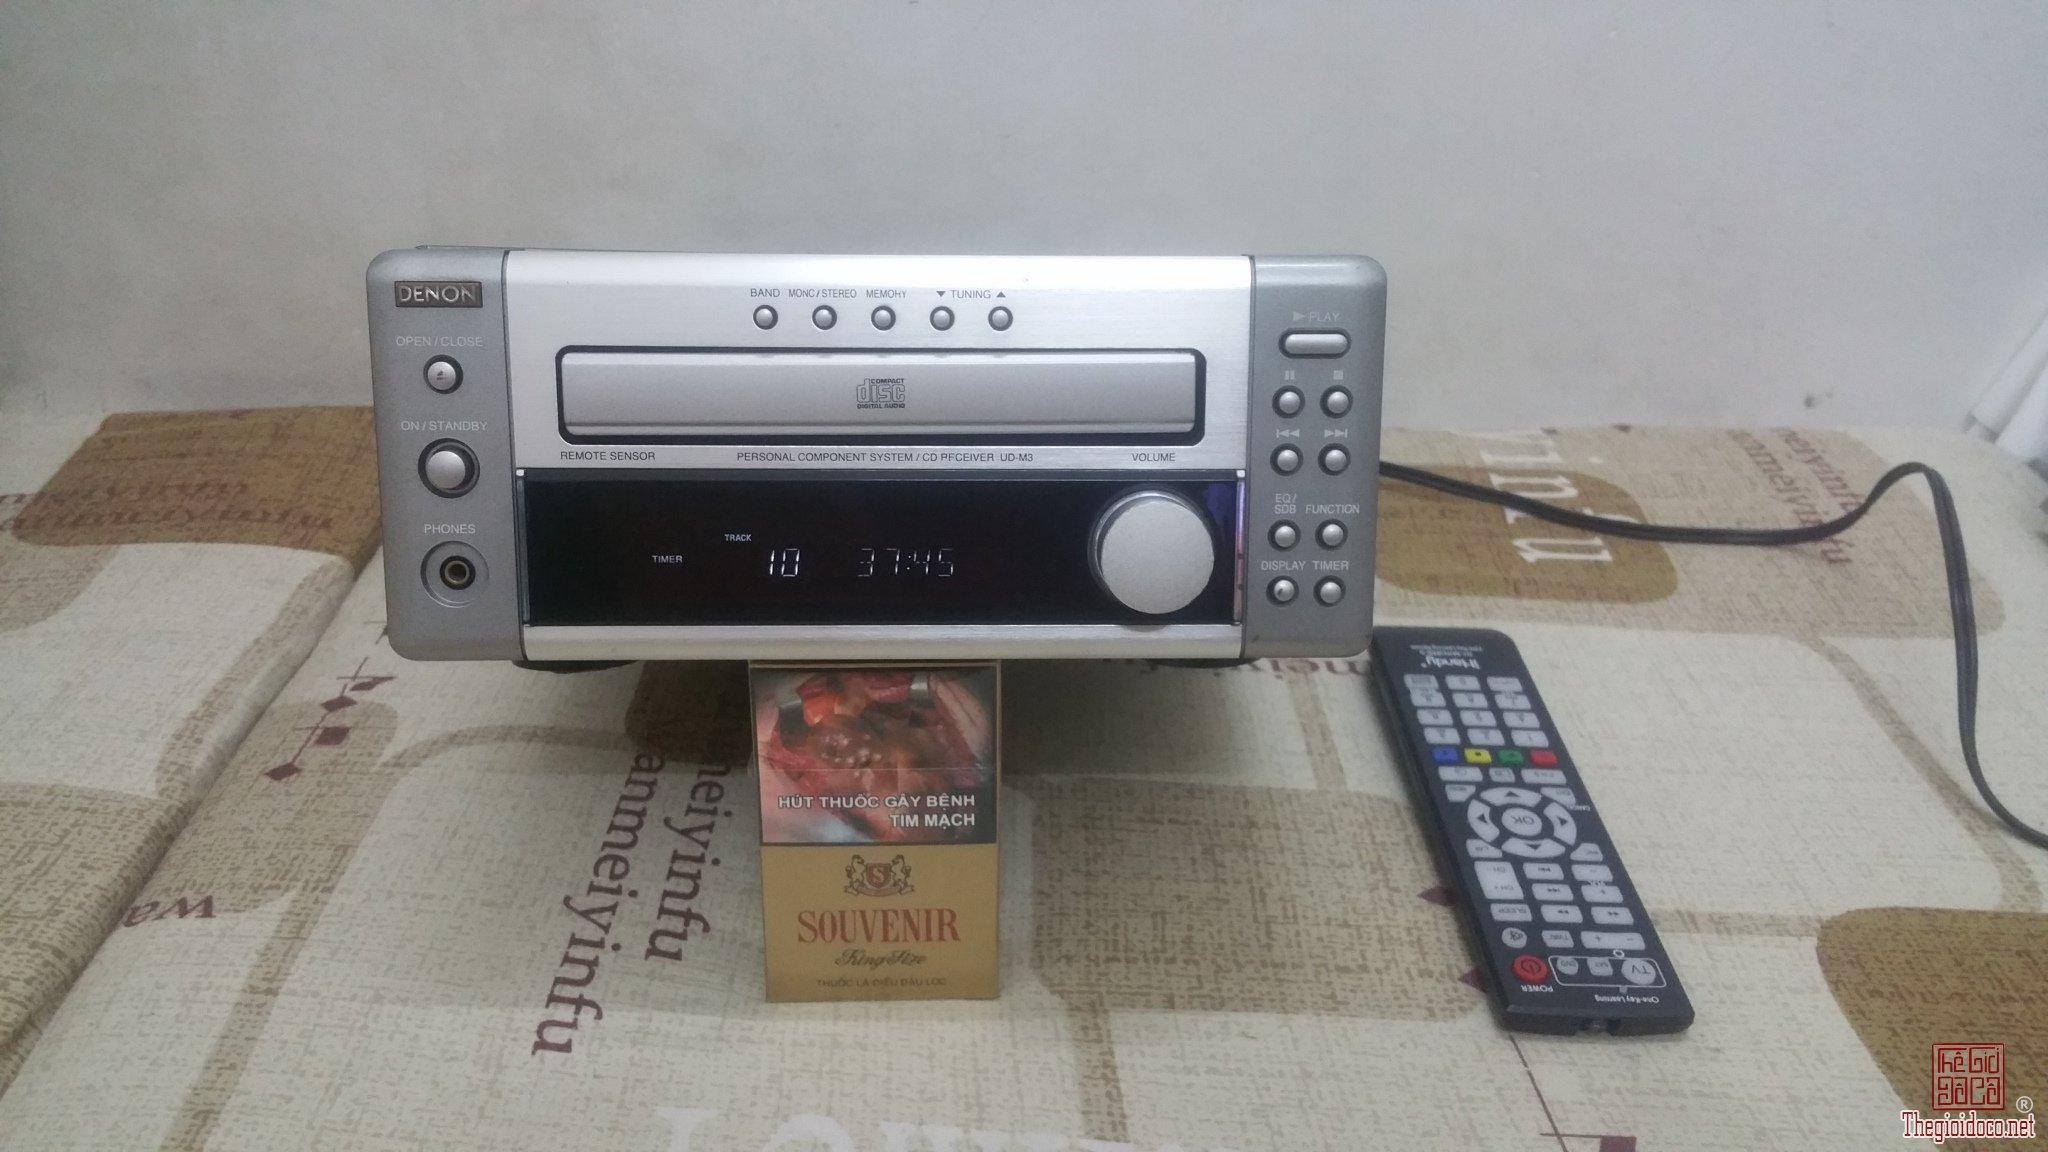 Ampli tích hợp đĩa CD và nghe Radio DENON UD-M3